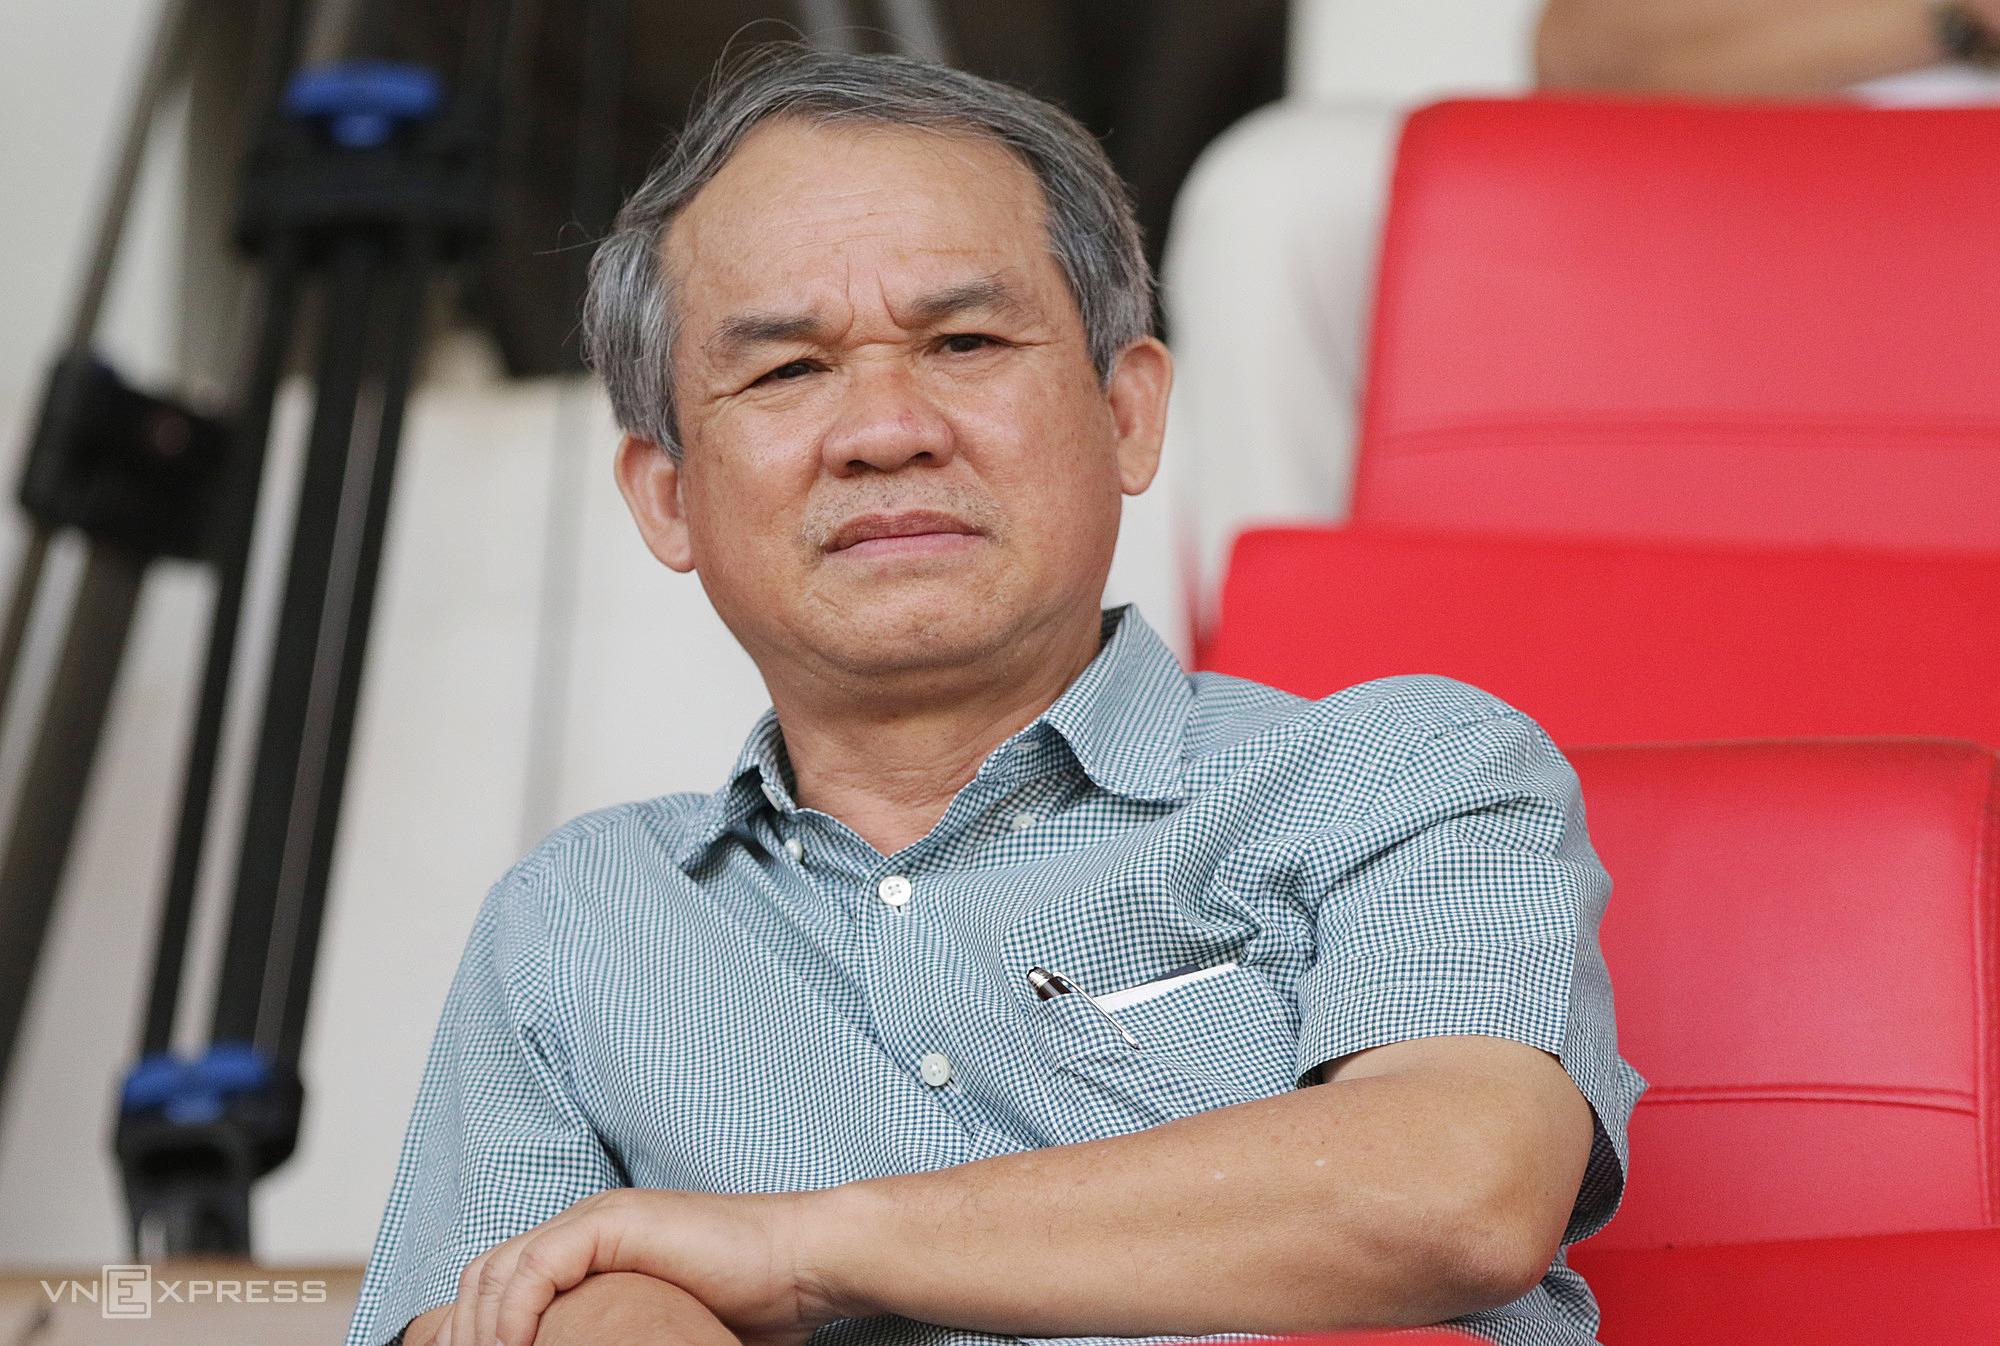 Bau Duc akan menunggu acara pemilihan di halaman Pleiku pada 18 April saat HAGL menyambut Hanoi.  Foto: Duc Dong.